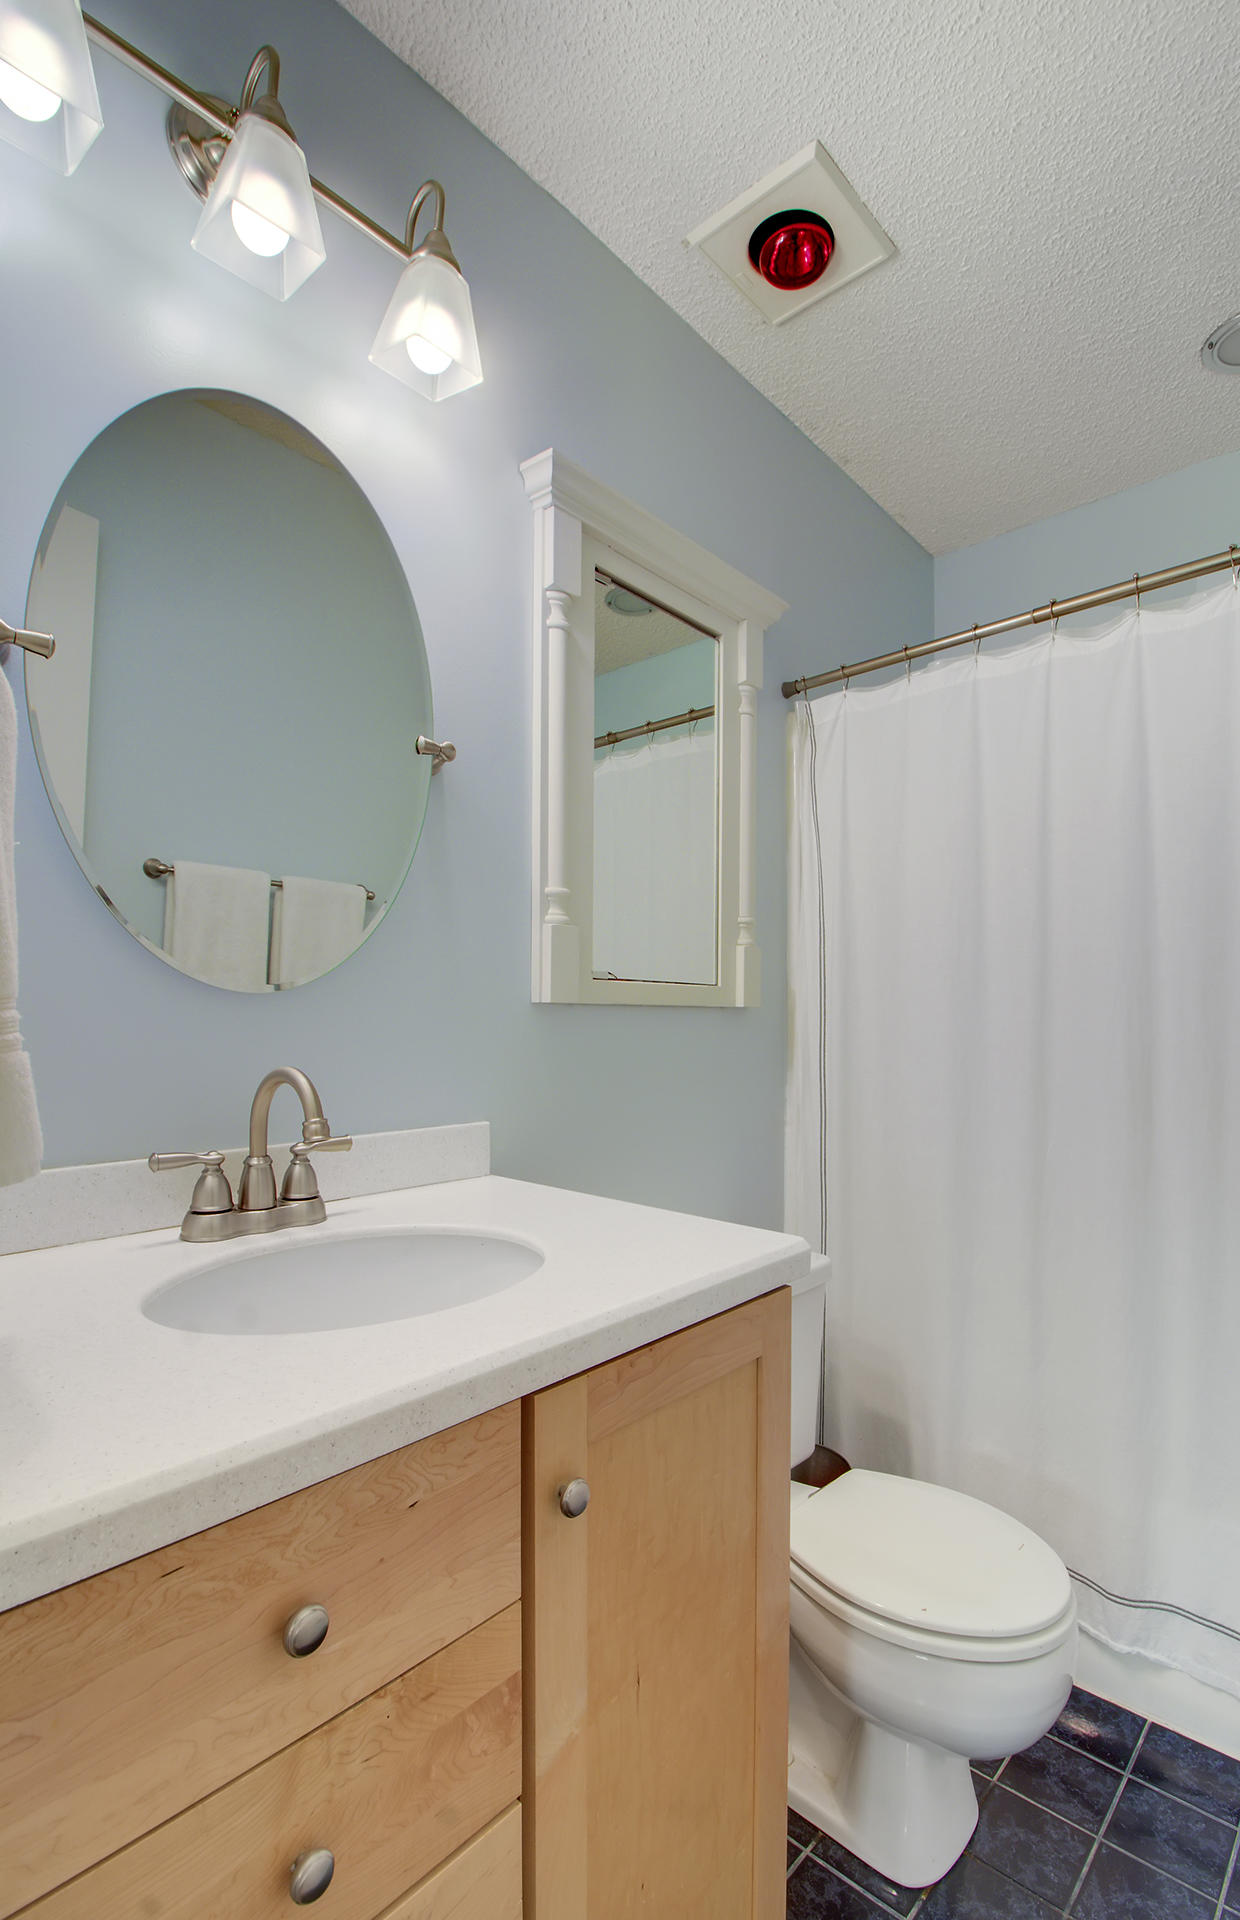 Willow Walk Homes For Sale - 1157 Oakcrest, Charleston, SC - 19